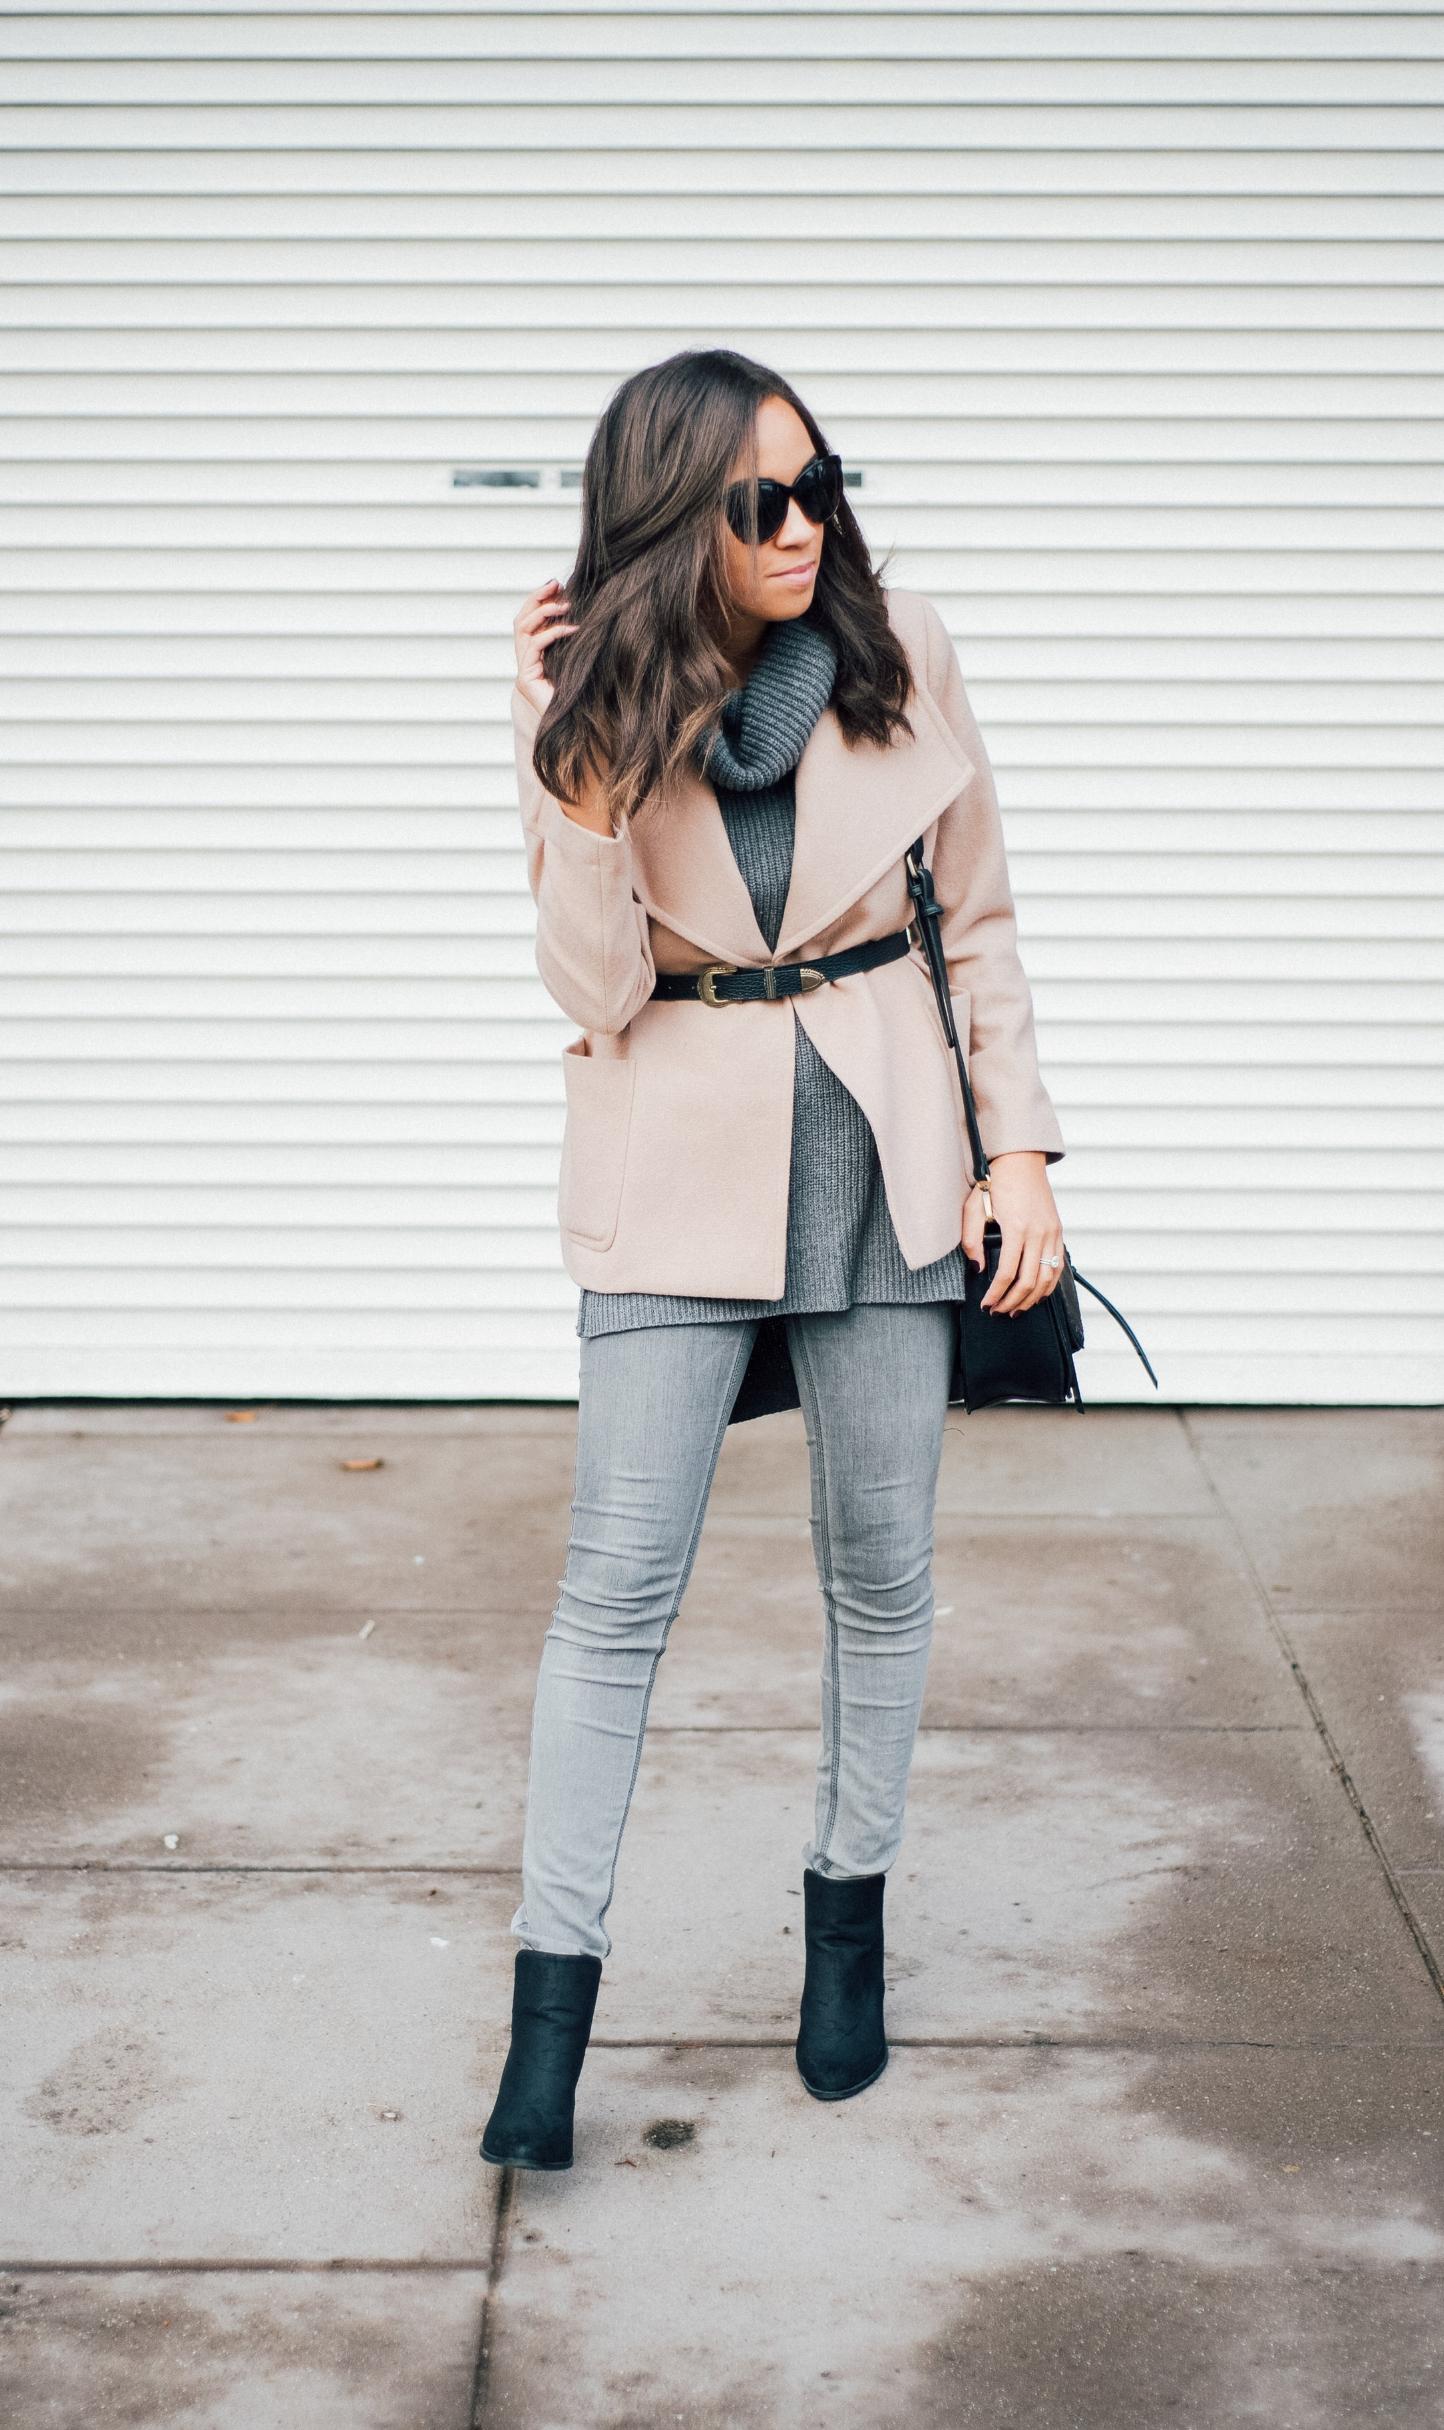 Grey Turtleneck Sweater + Vintage Belt 37.jpg